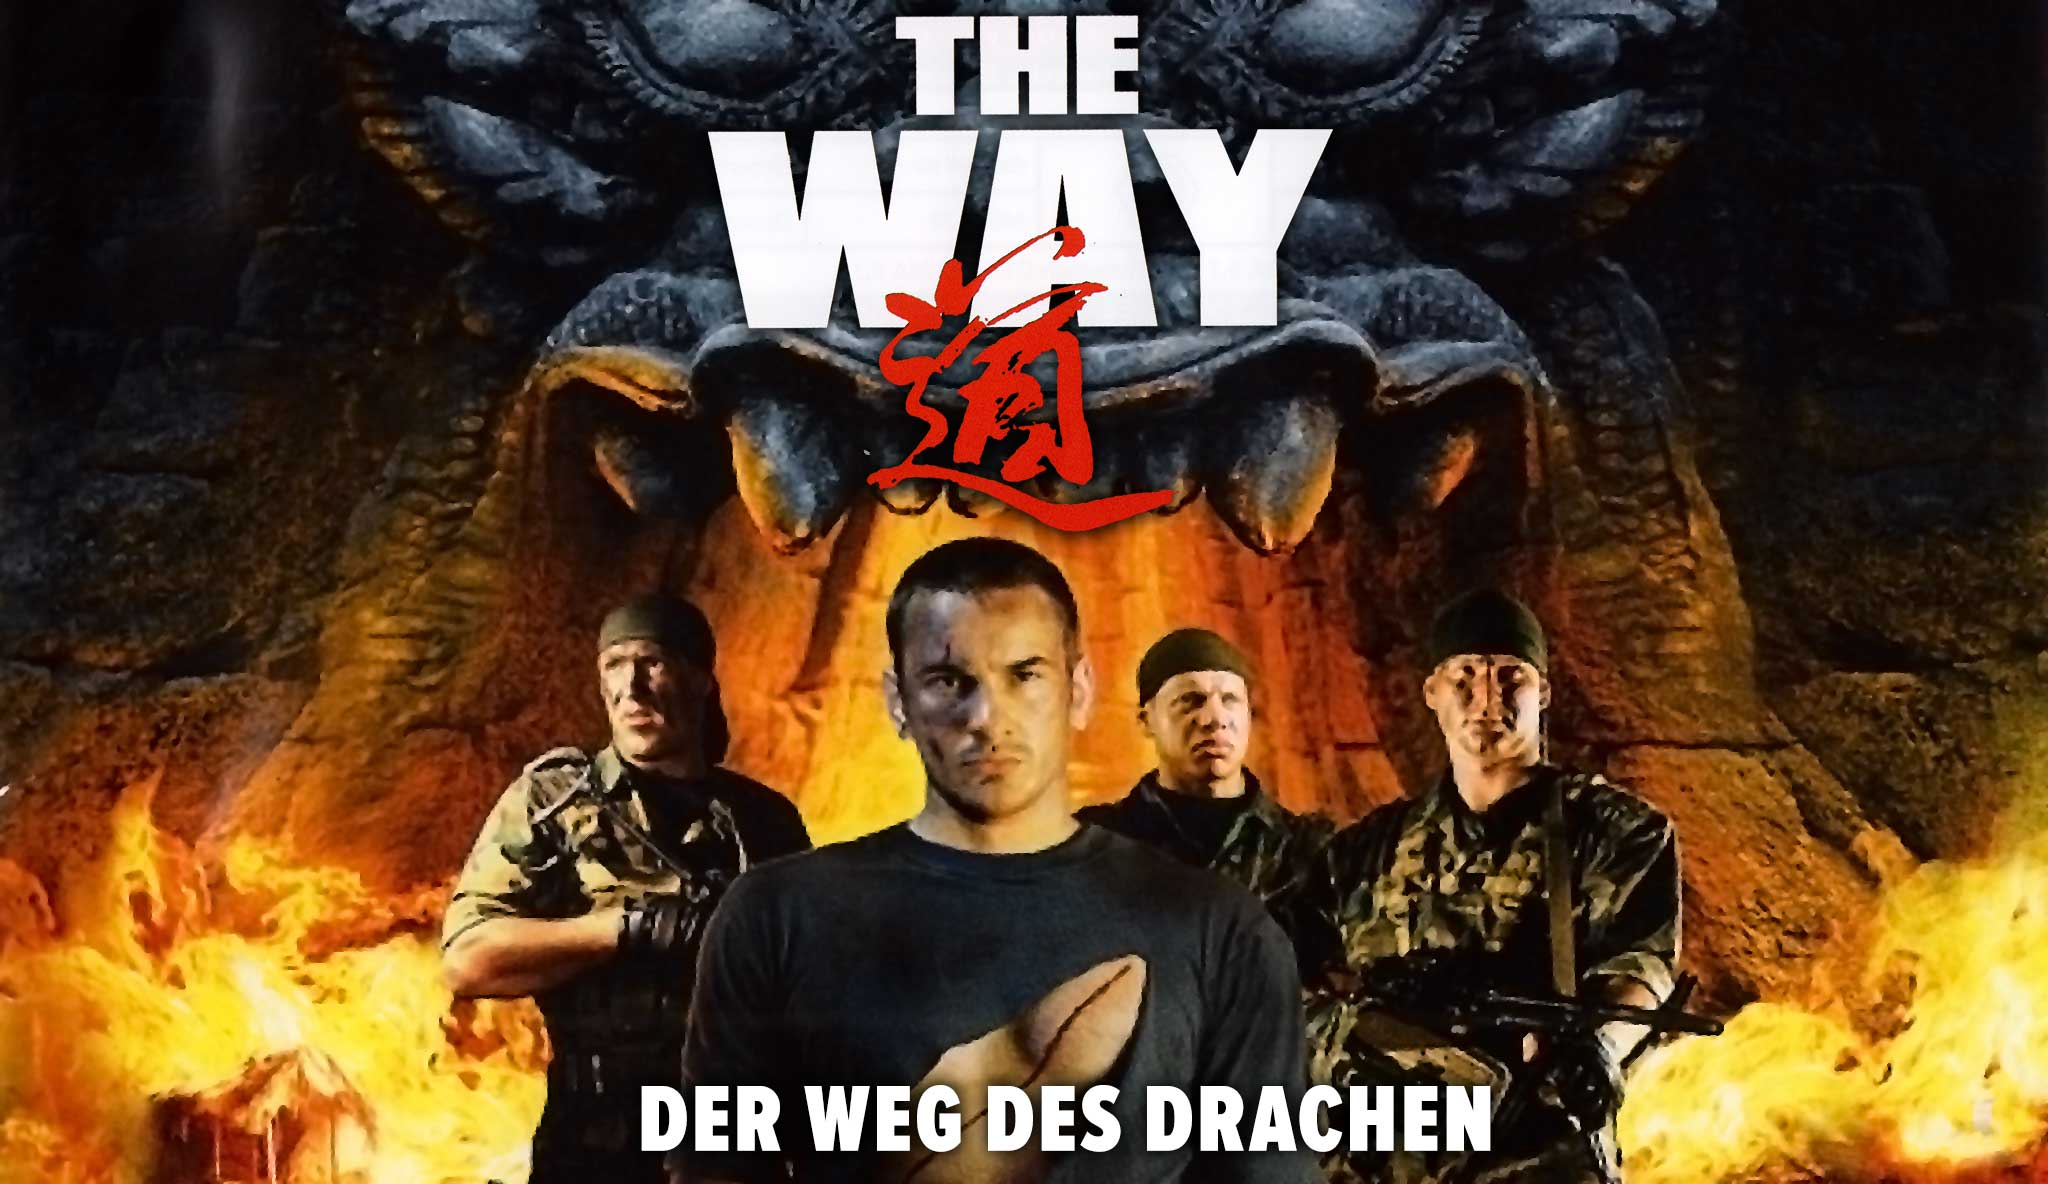 the-way-der-weg-des-drachen\header.jpg